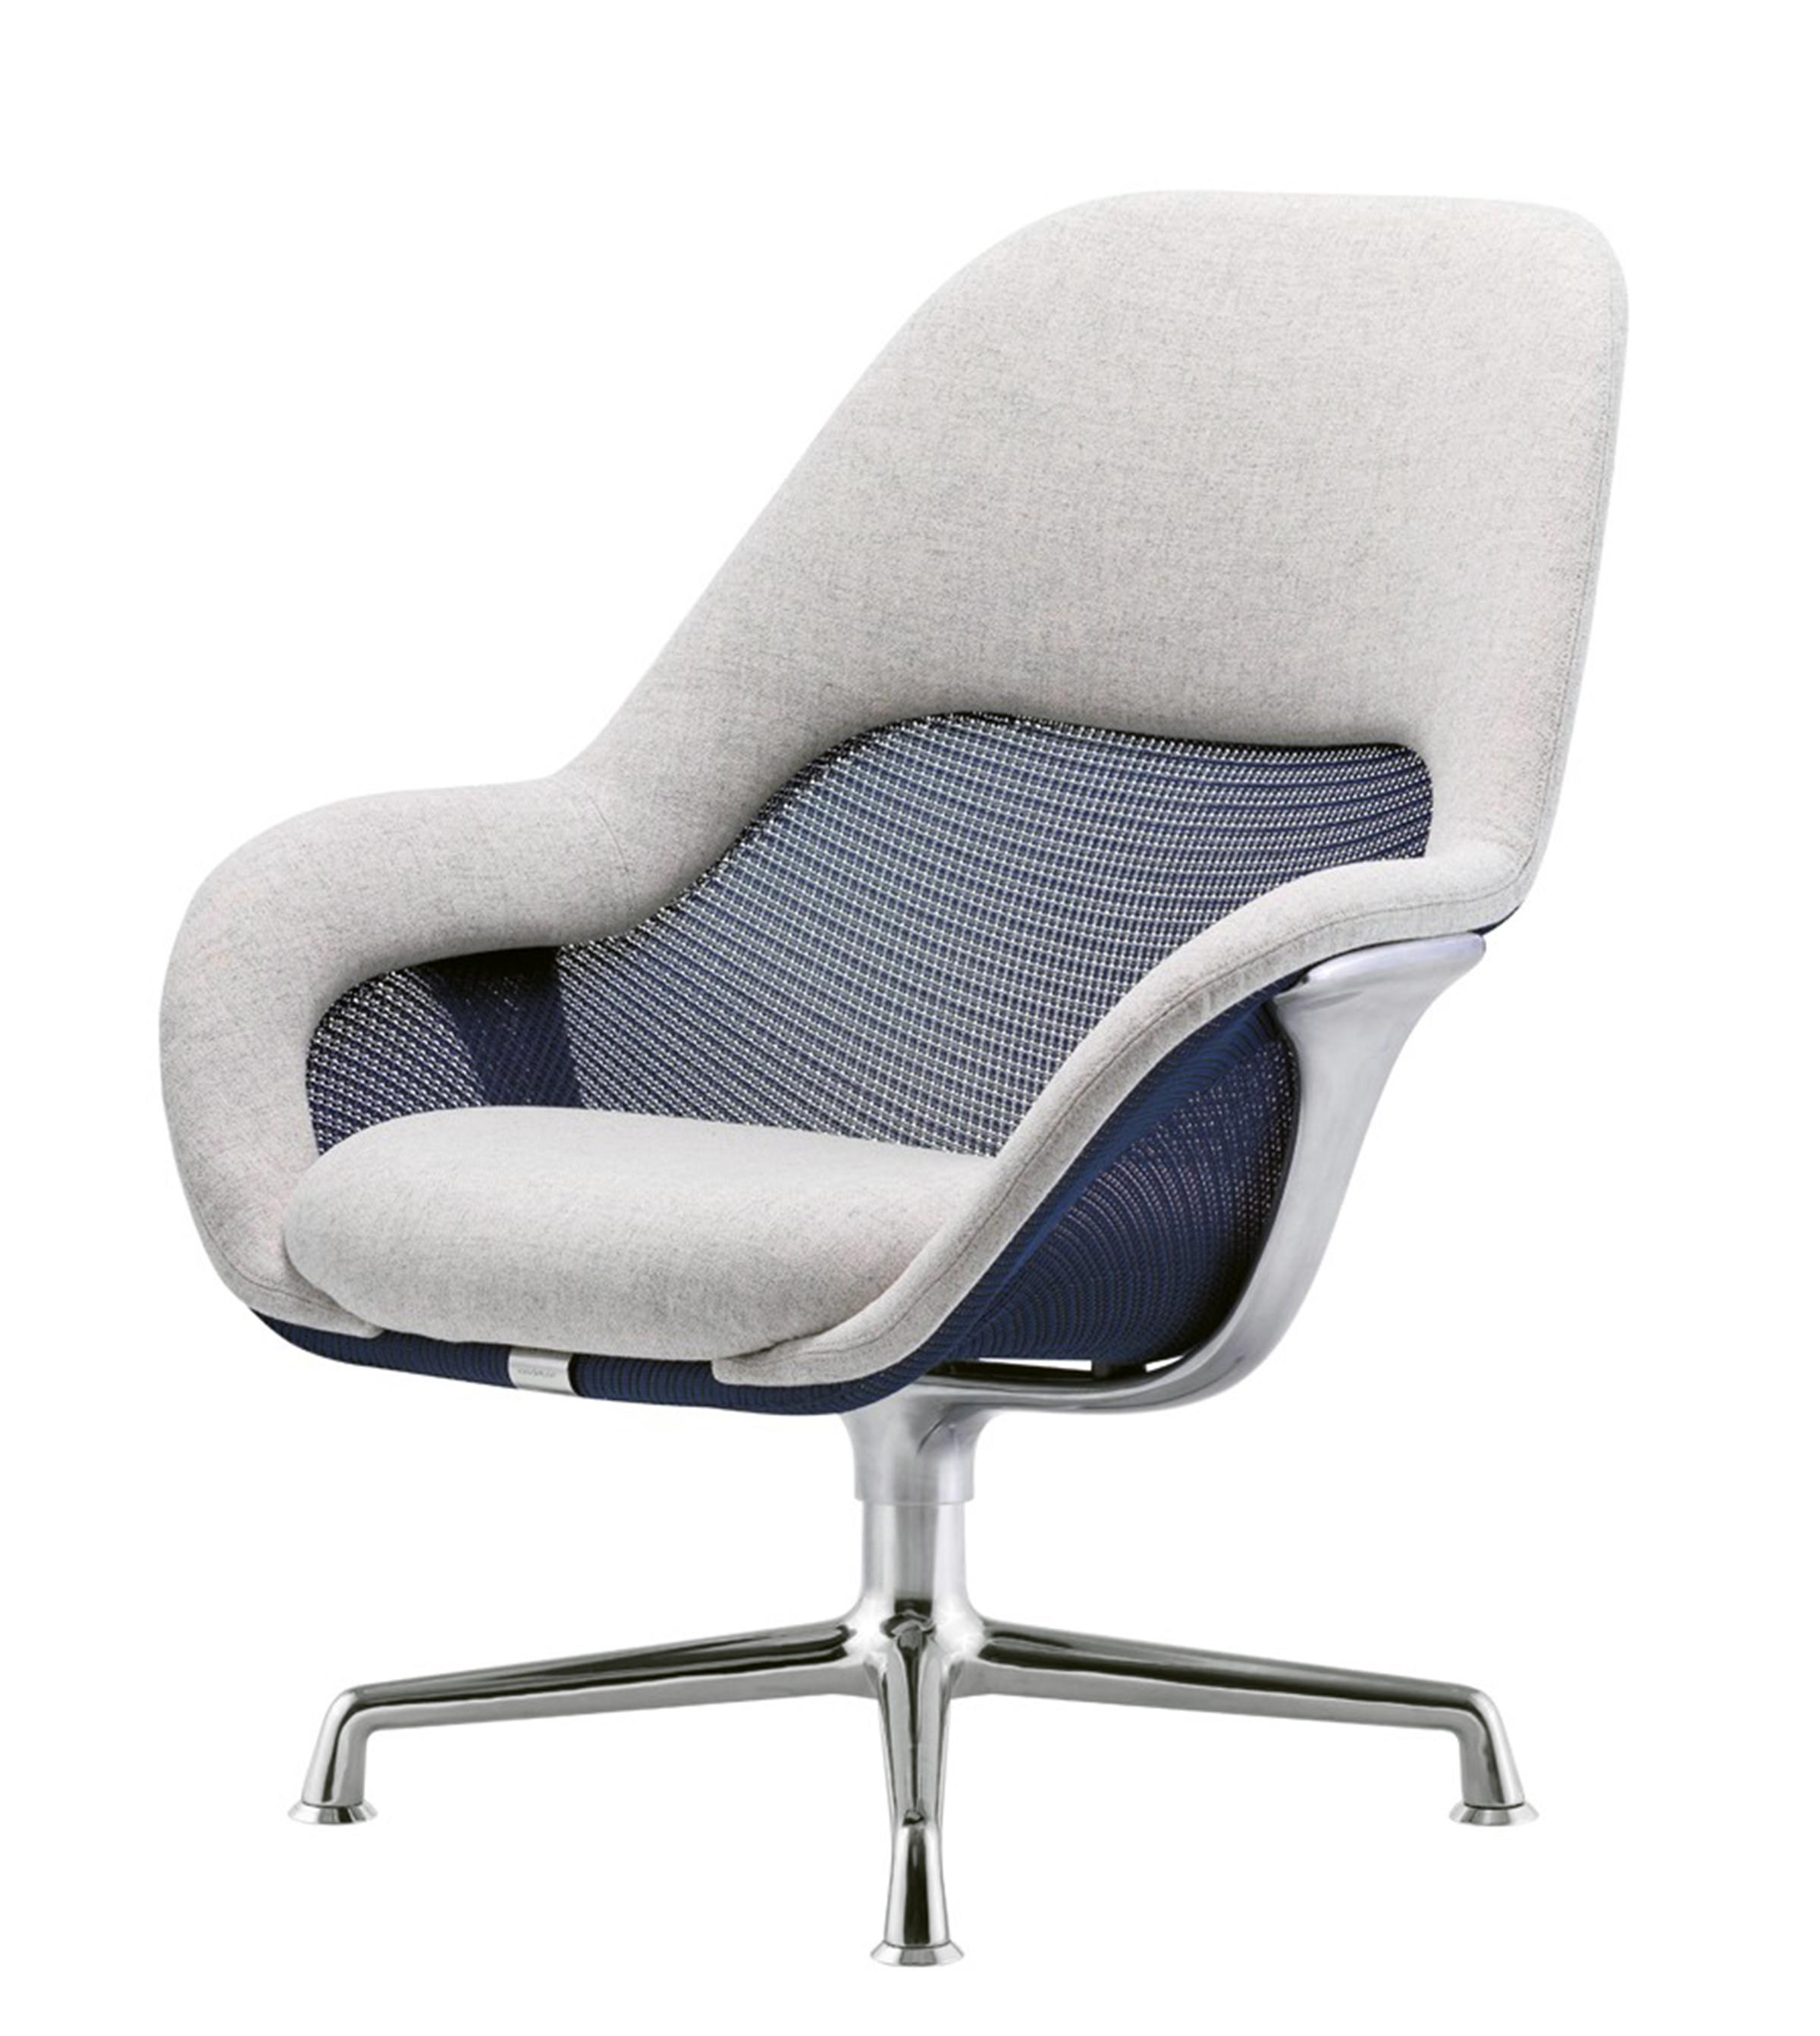 Designapplause Sw1 Lounge Chair Scott Wilson